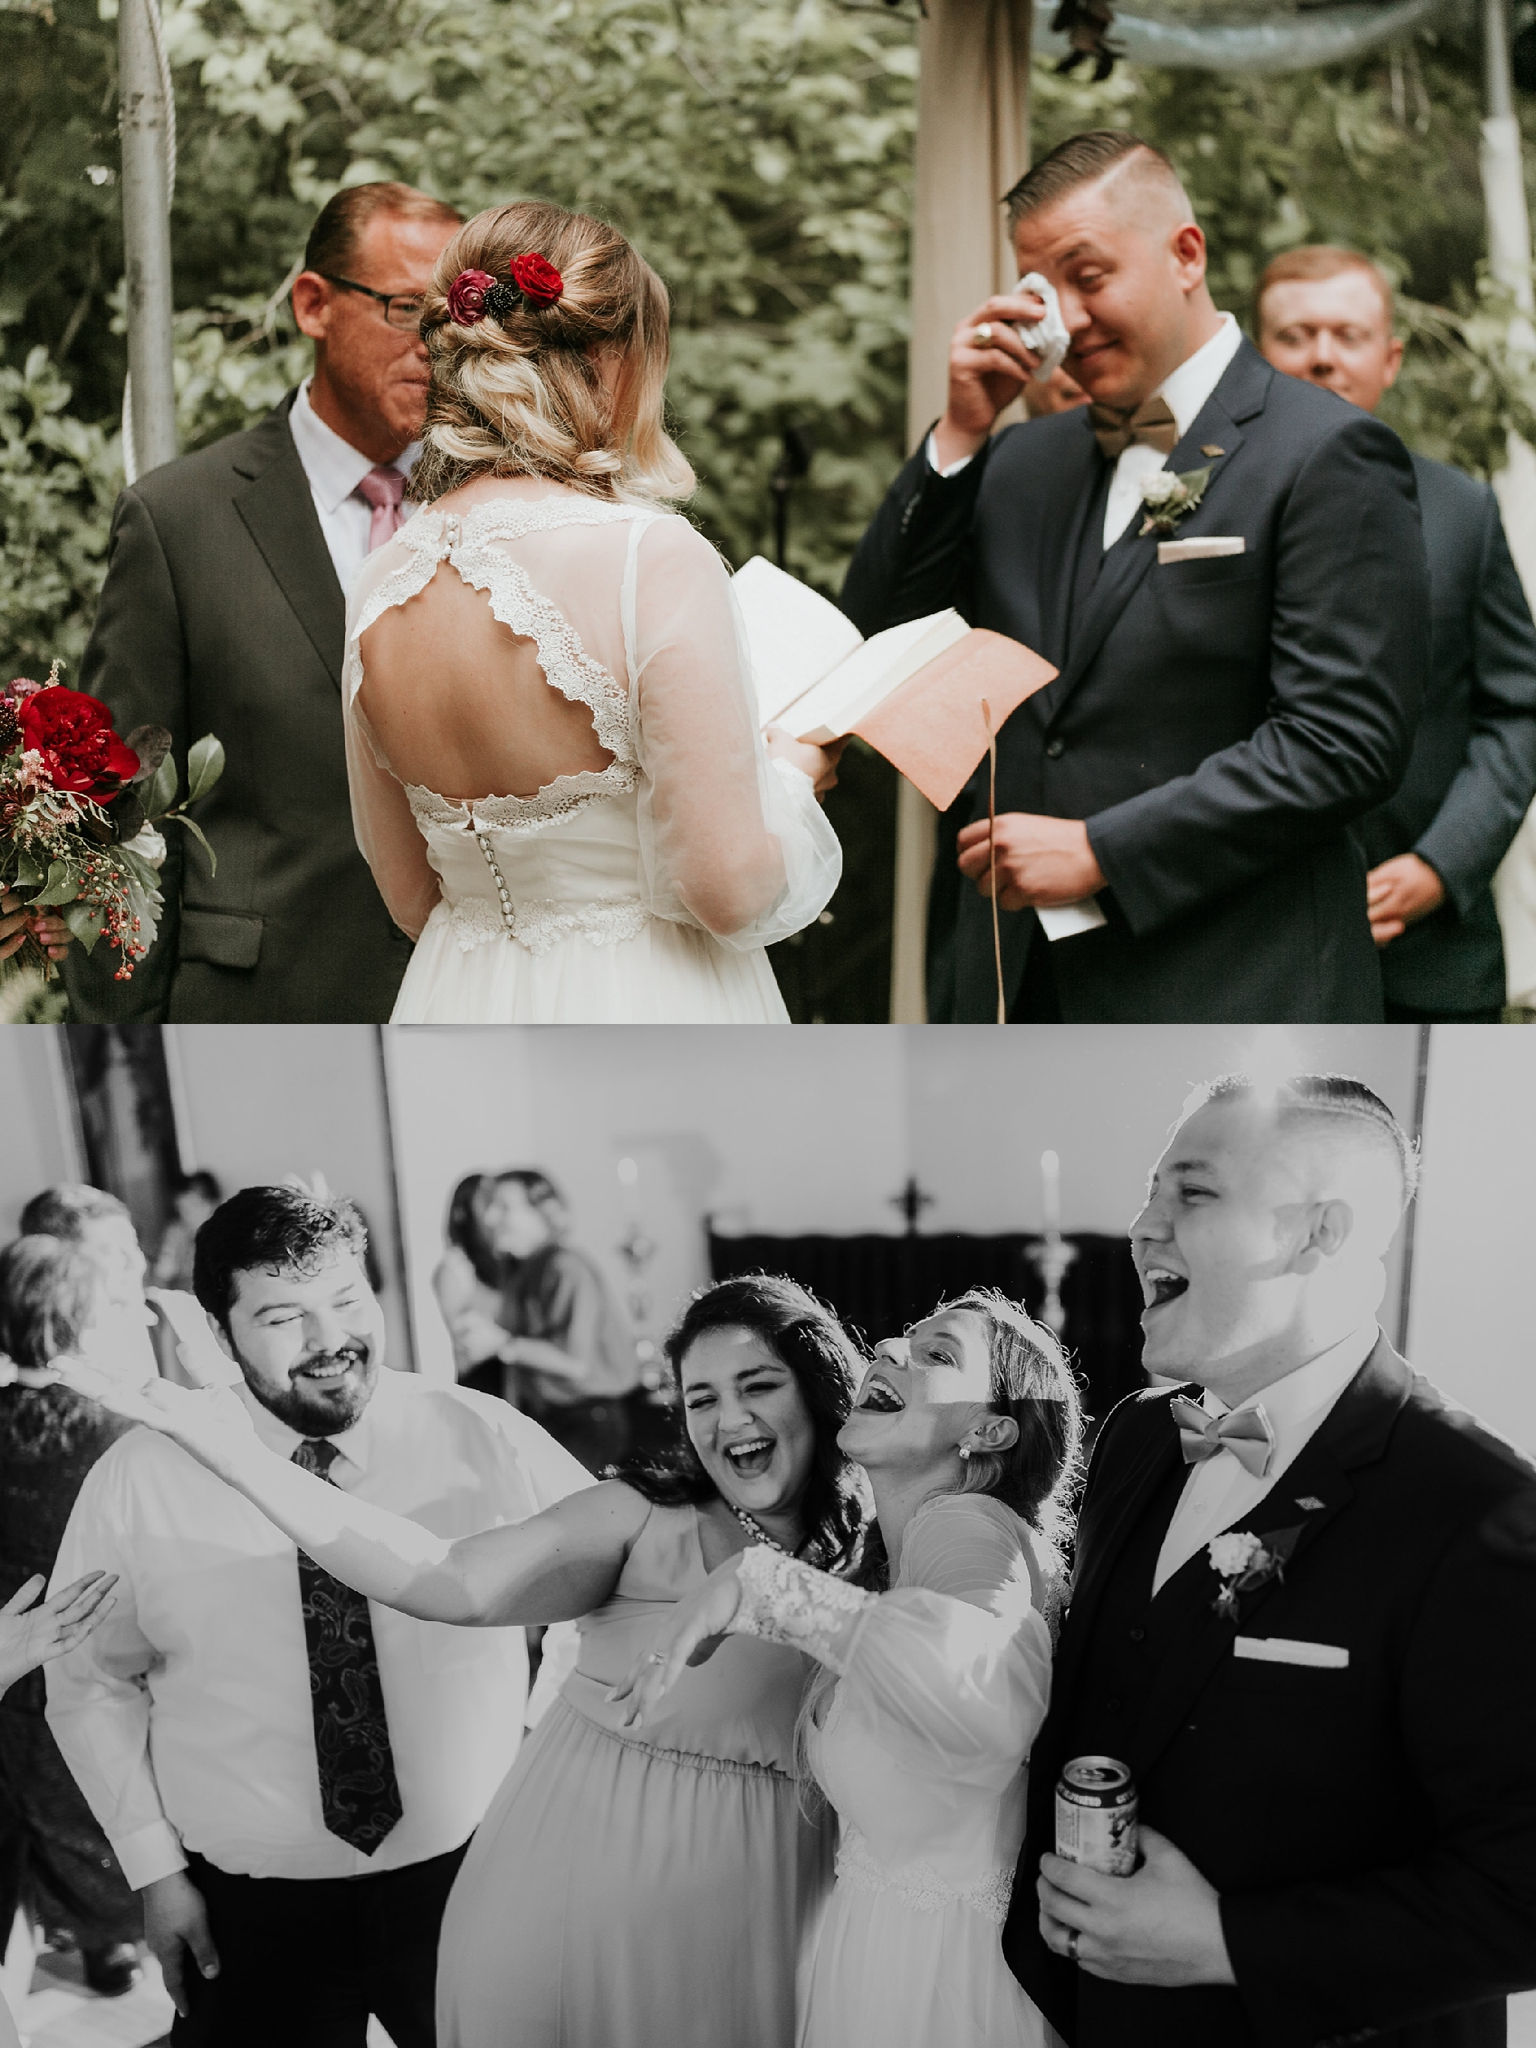 Alicia+lucia+photography+-+albuquerque+wedding+photographer+-+santa+fe+wedding+photography+-+new+mexico+wedding+photographer+-+new+mexico+wedding+-+wedding+photographer+-+wedding+photographer+team_0007.jpg